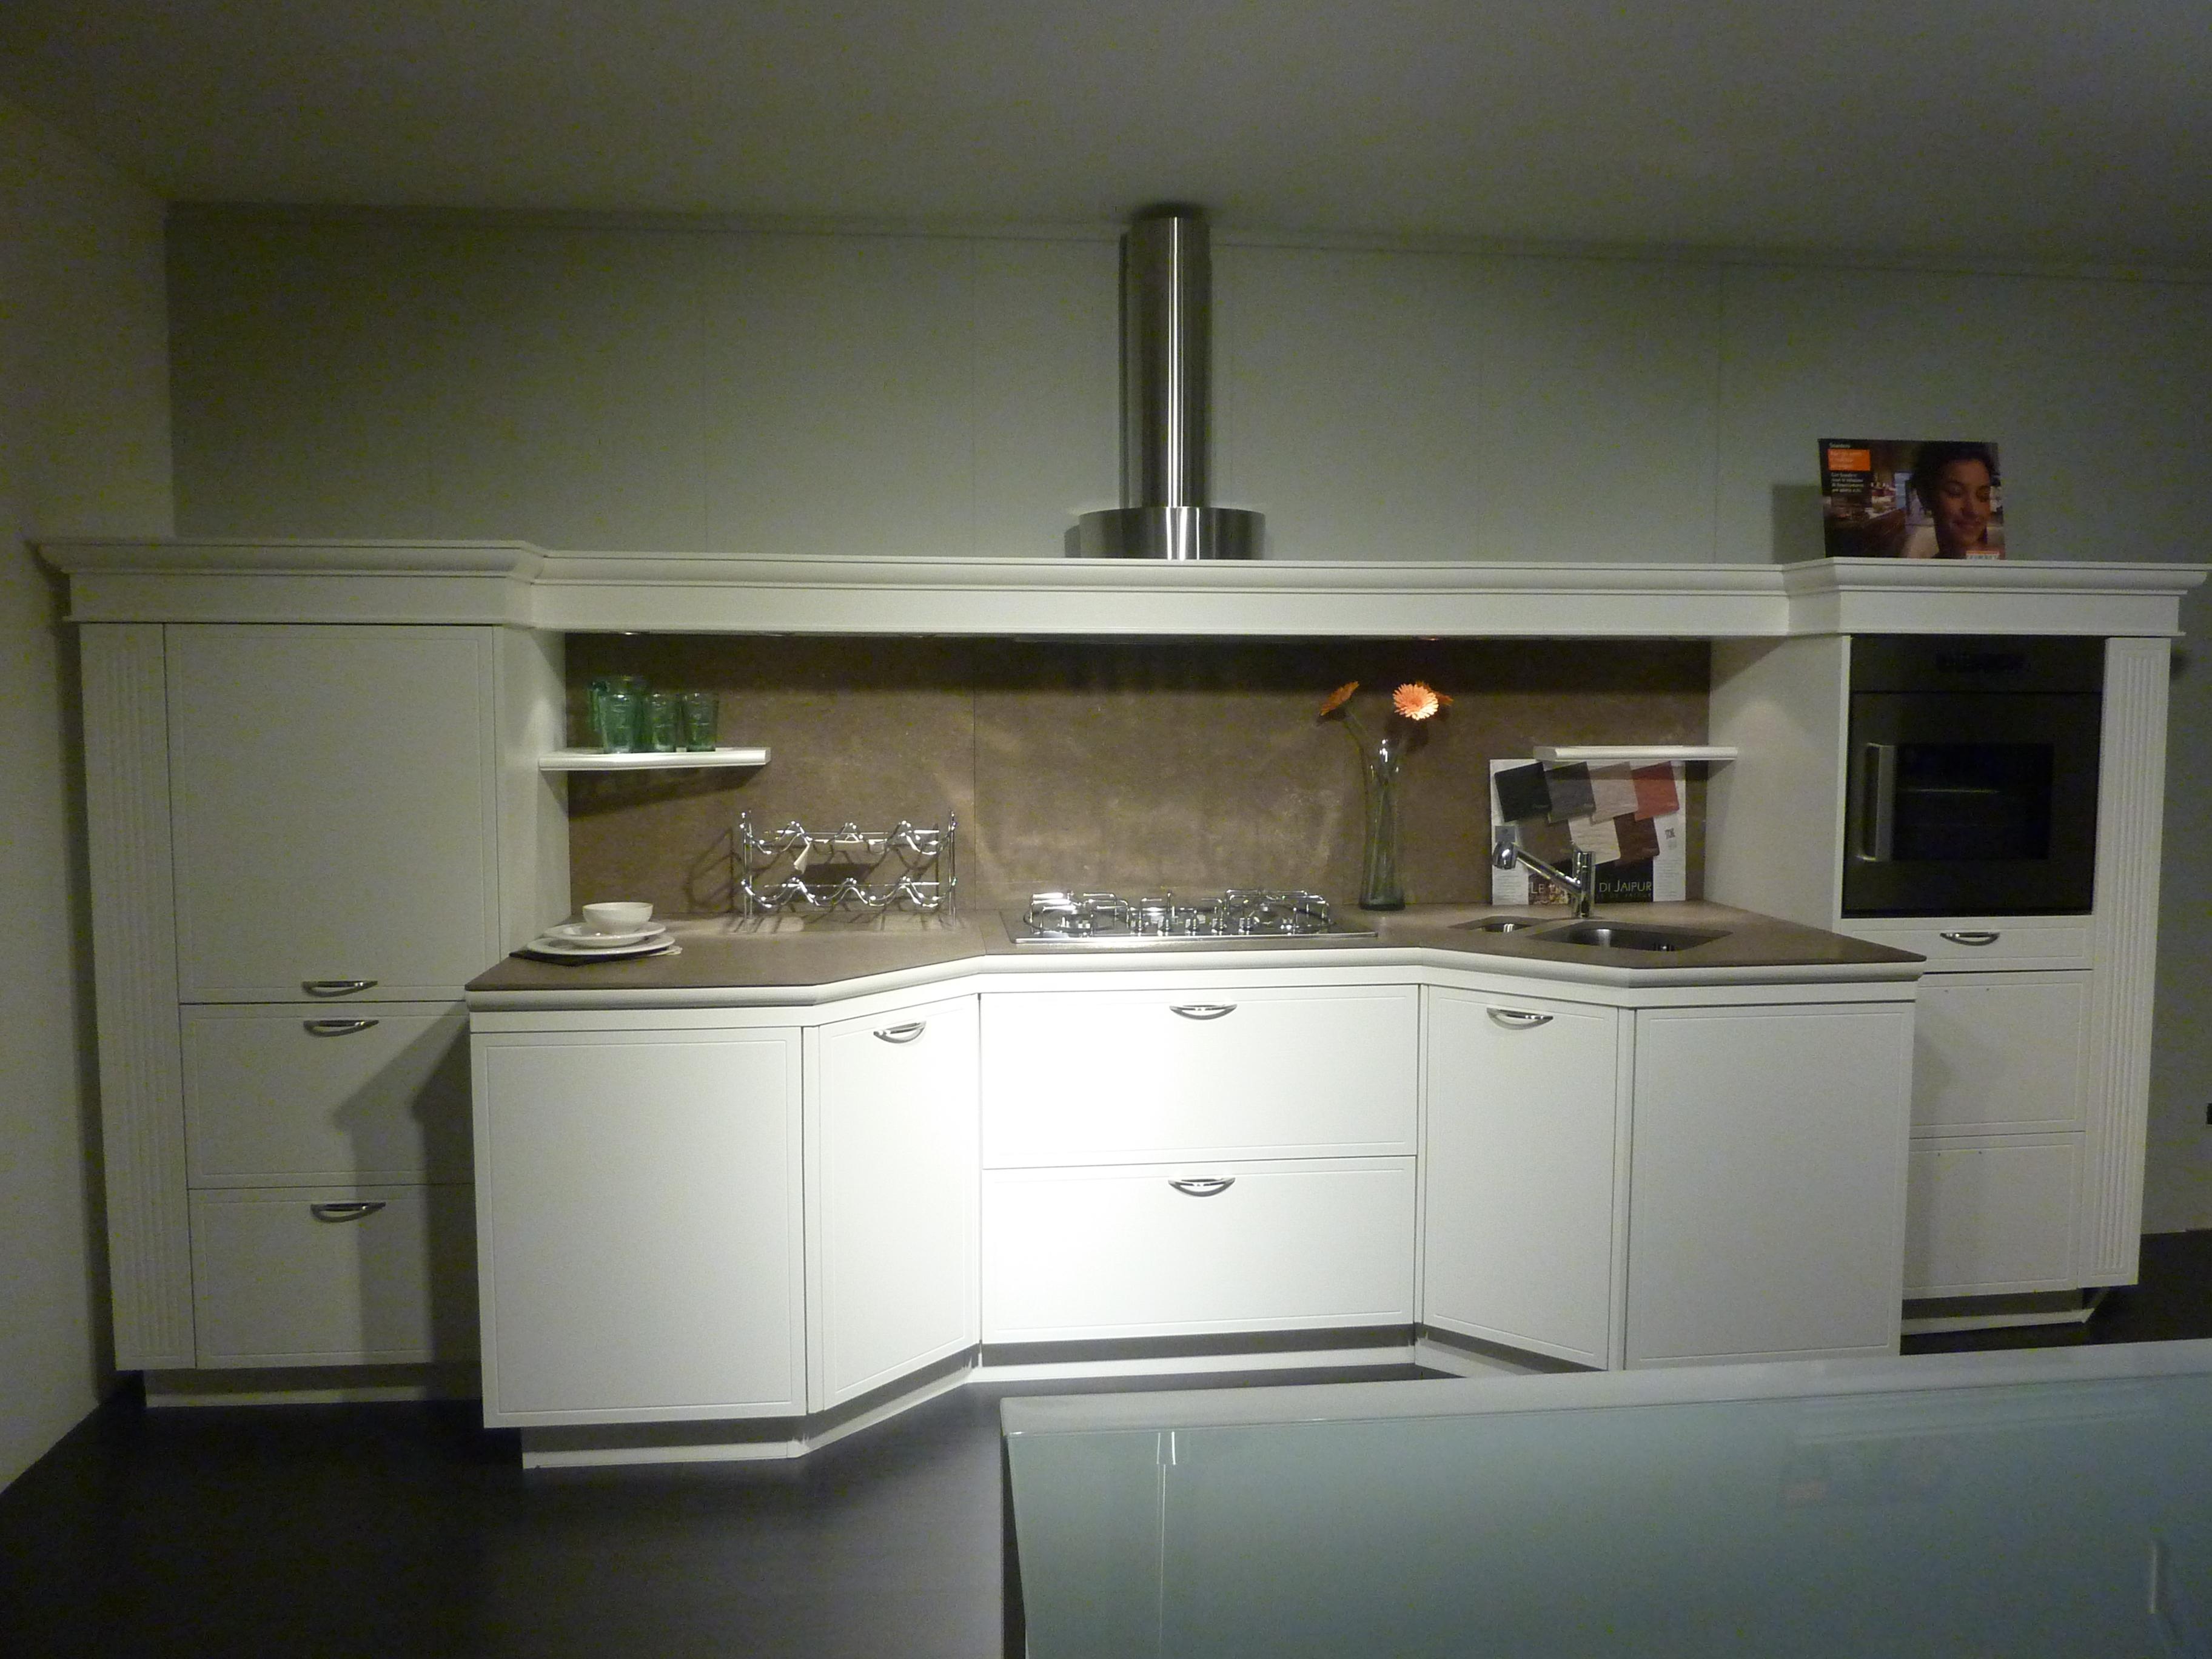 Cucina snaidero scontata 16258 cucine a prezzi scontati - Outlet cucine snaidero ...